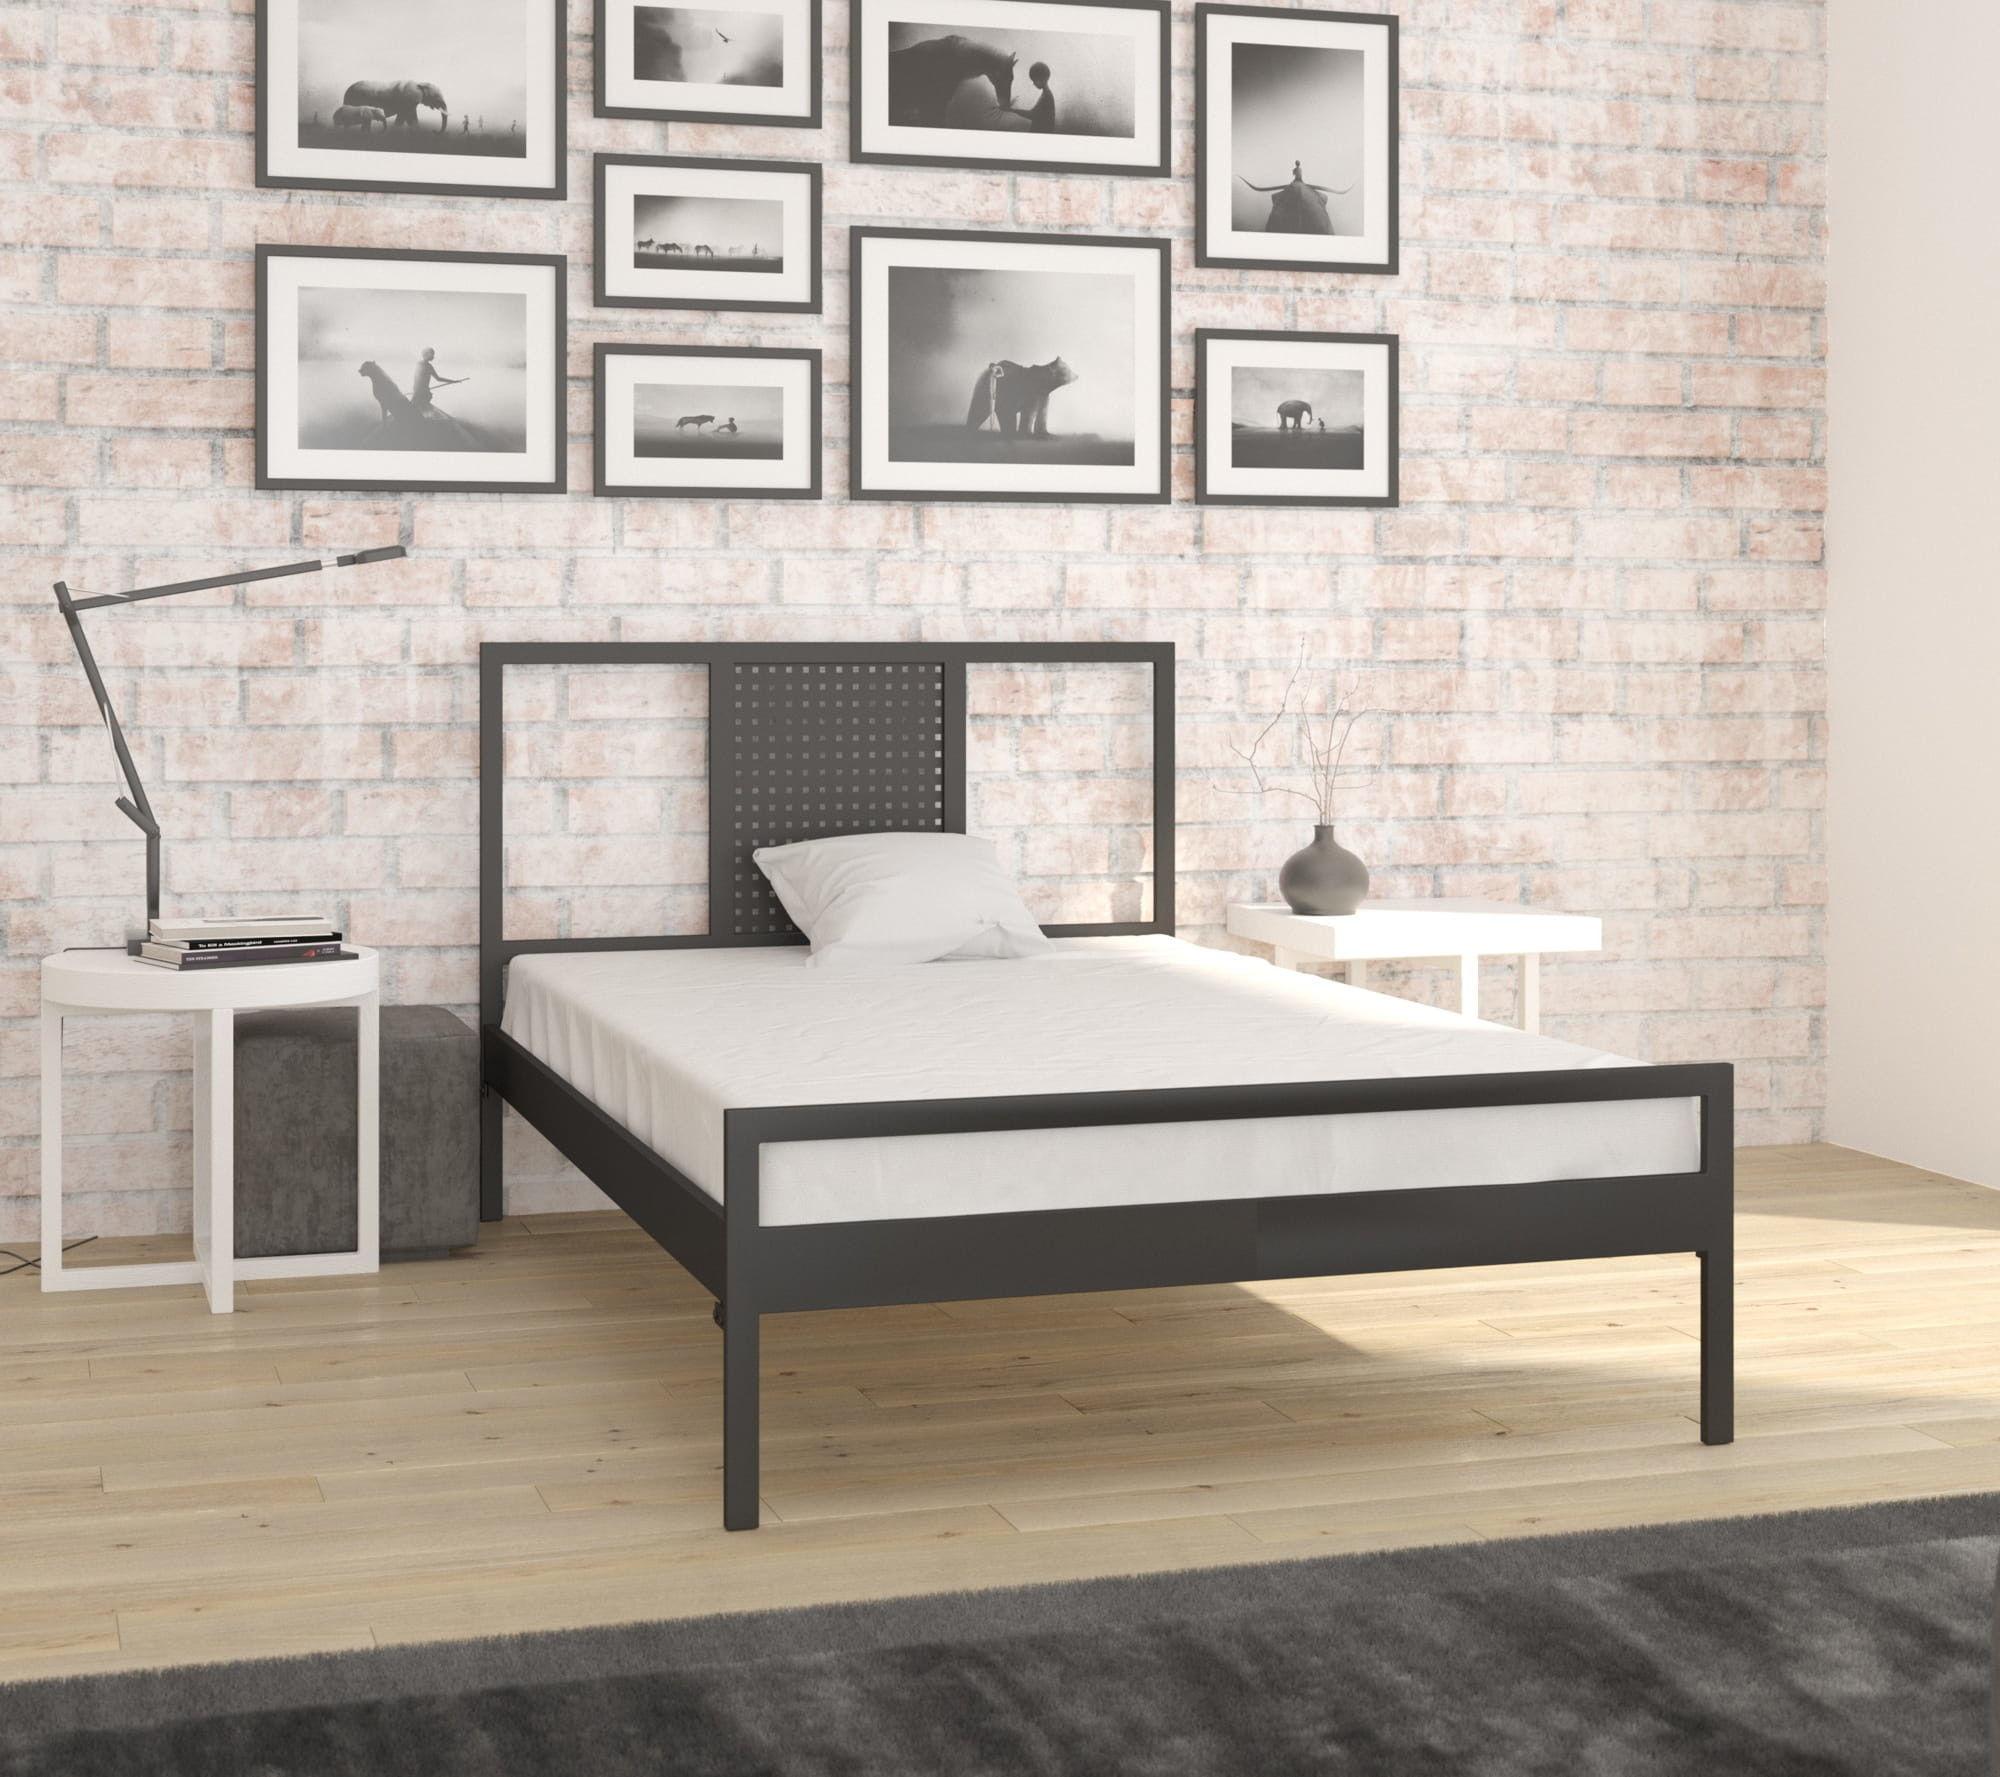 łóżko metalowe Lak System 100x200 wzór 41 ze stelażem